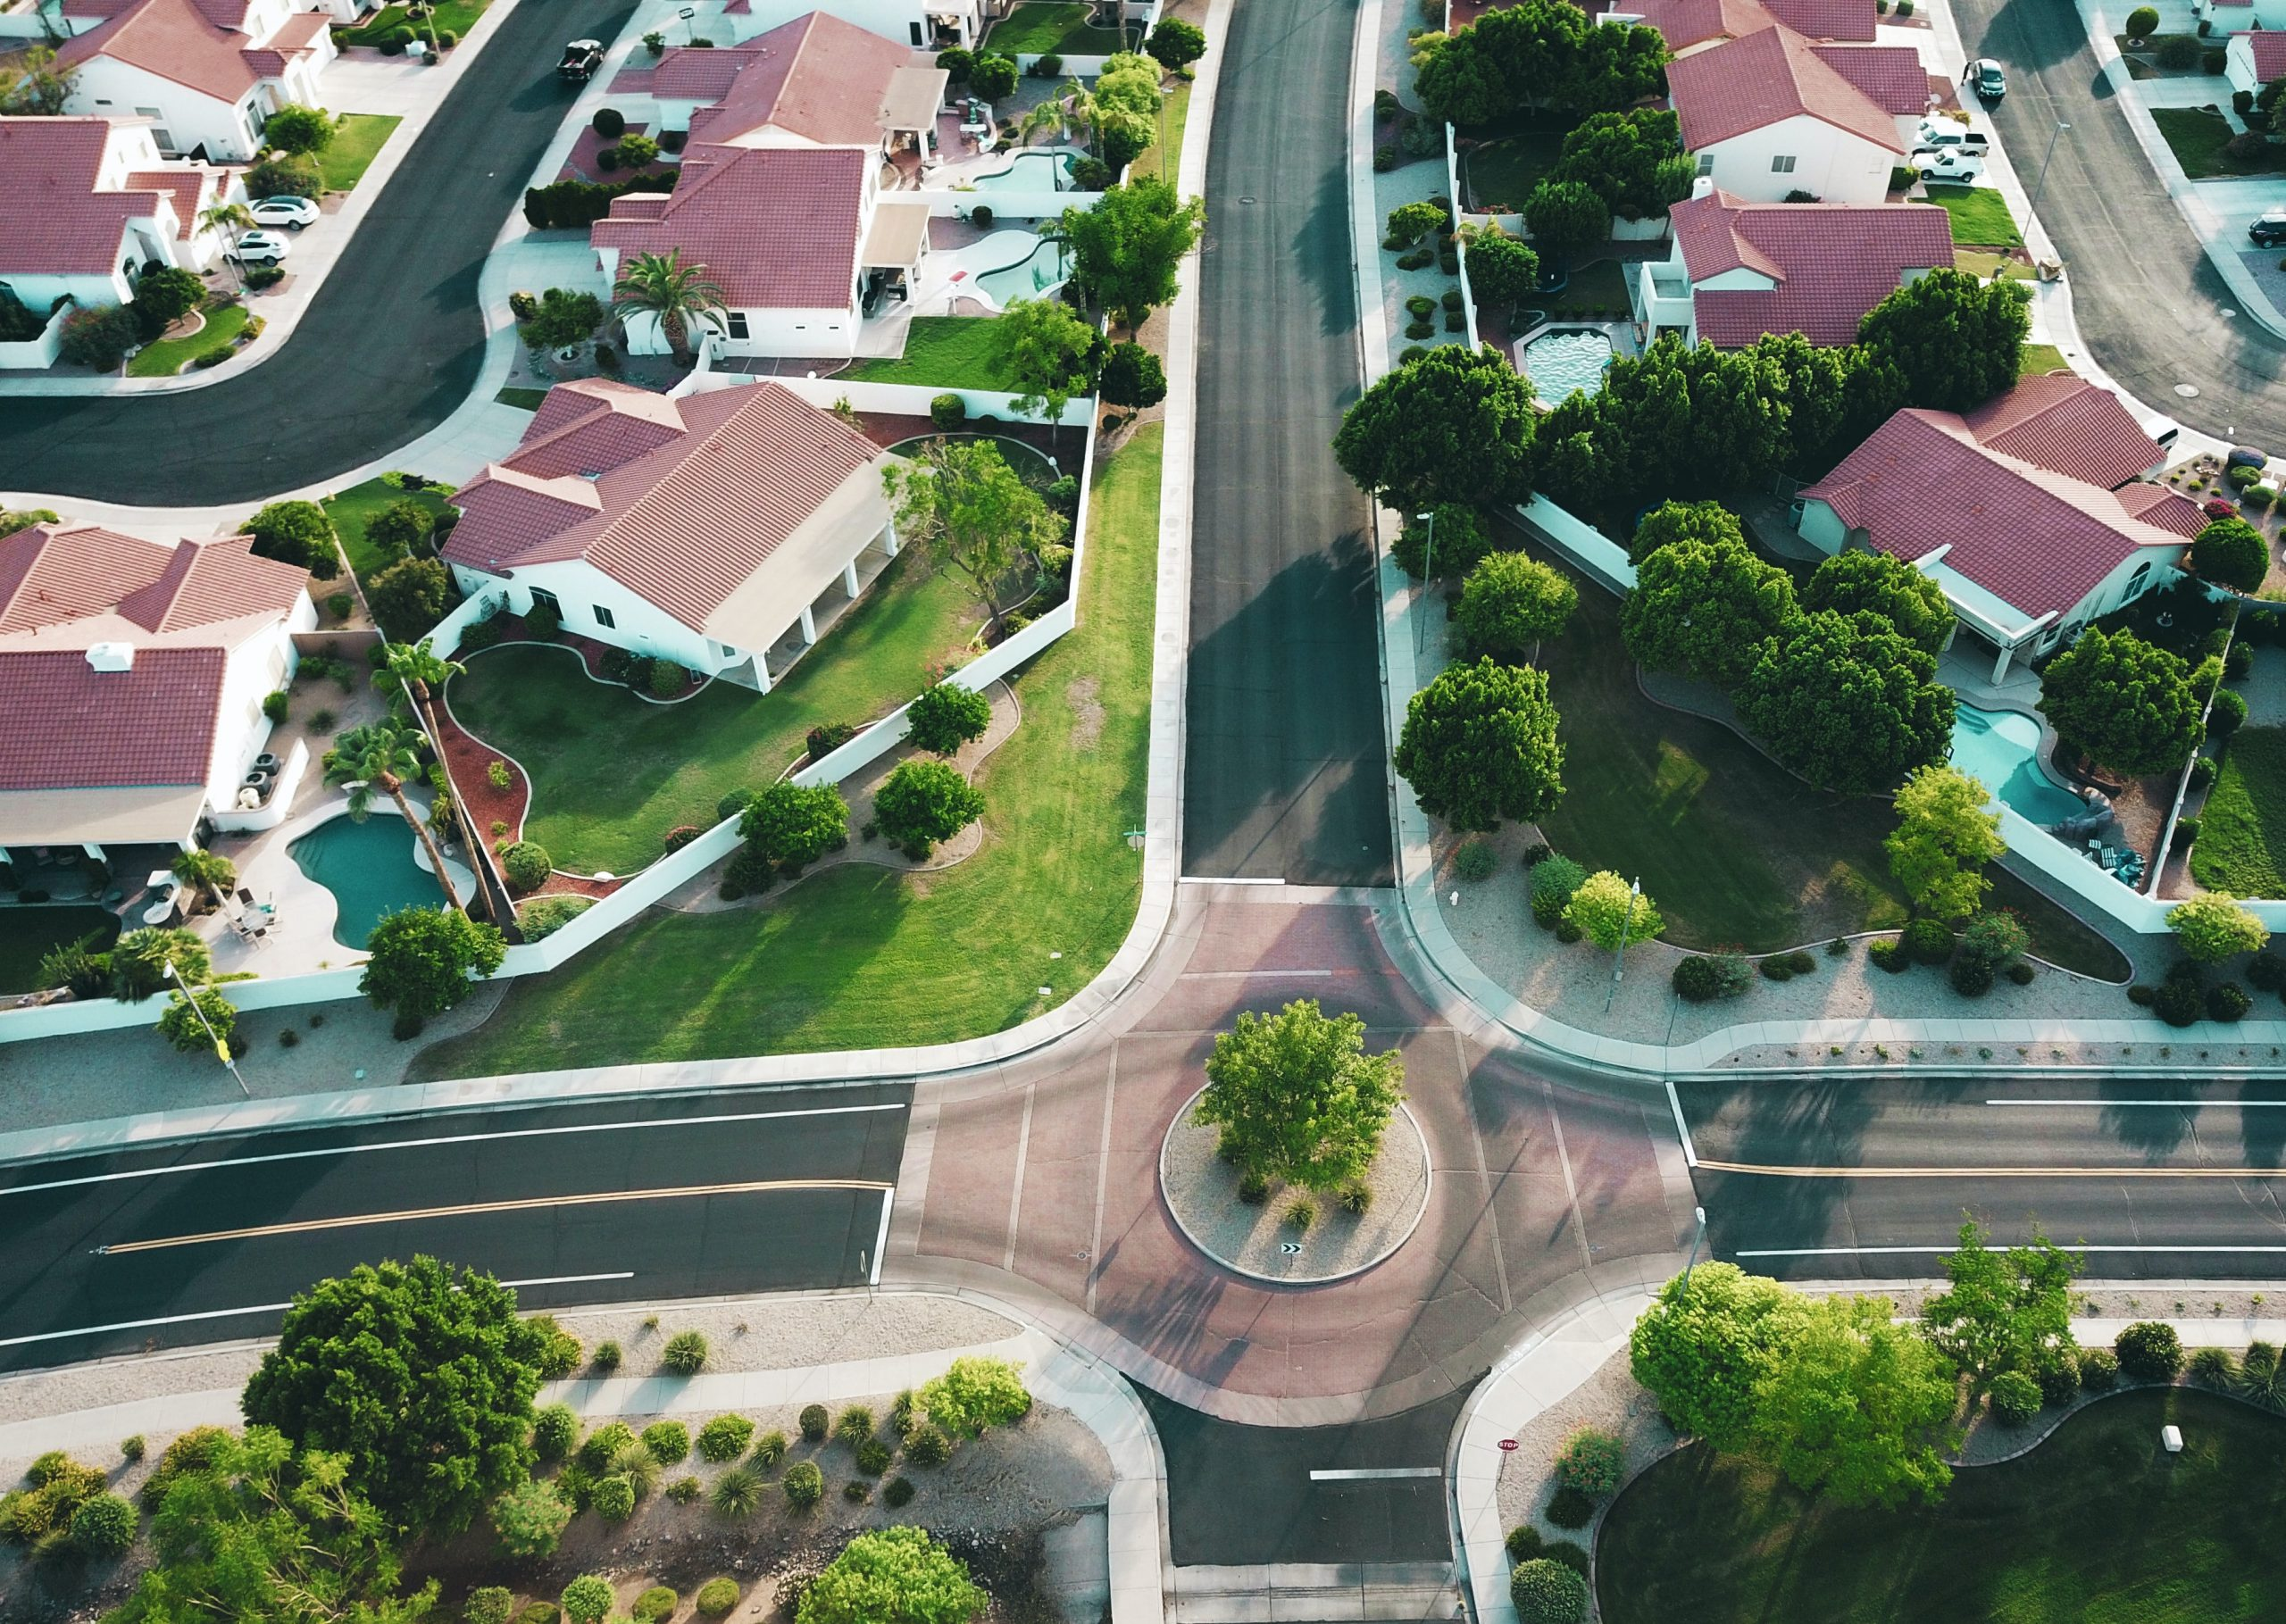 Quels sont les critères de choix d'un bien immobilier neuf?